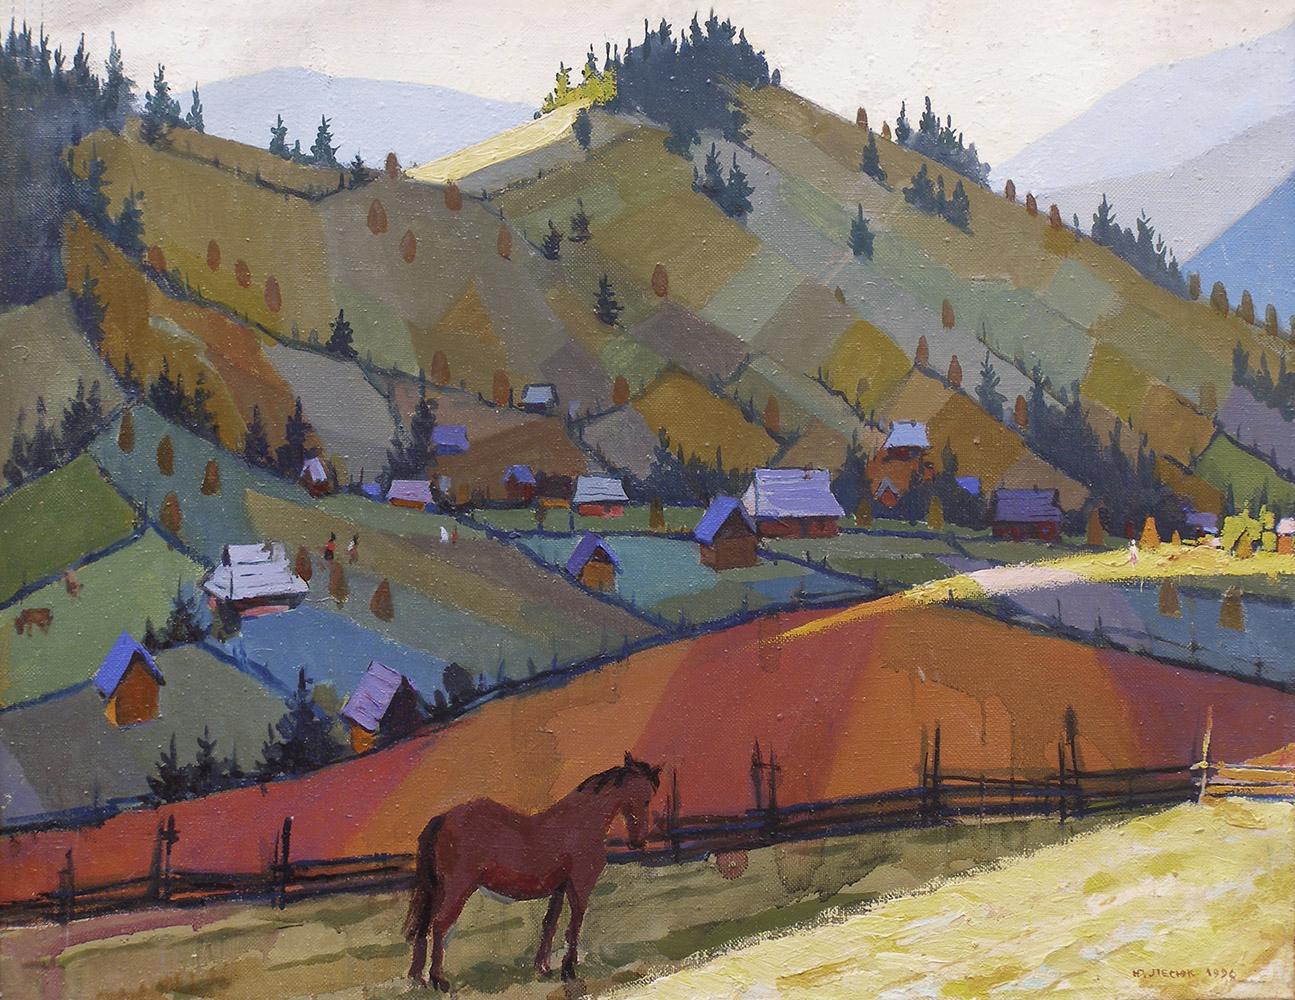 Юрій Лесюк. Спокій, 1996; полотно, олія; 67-88